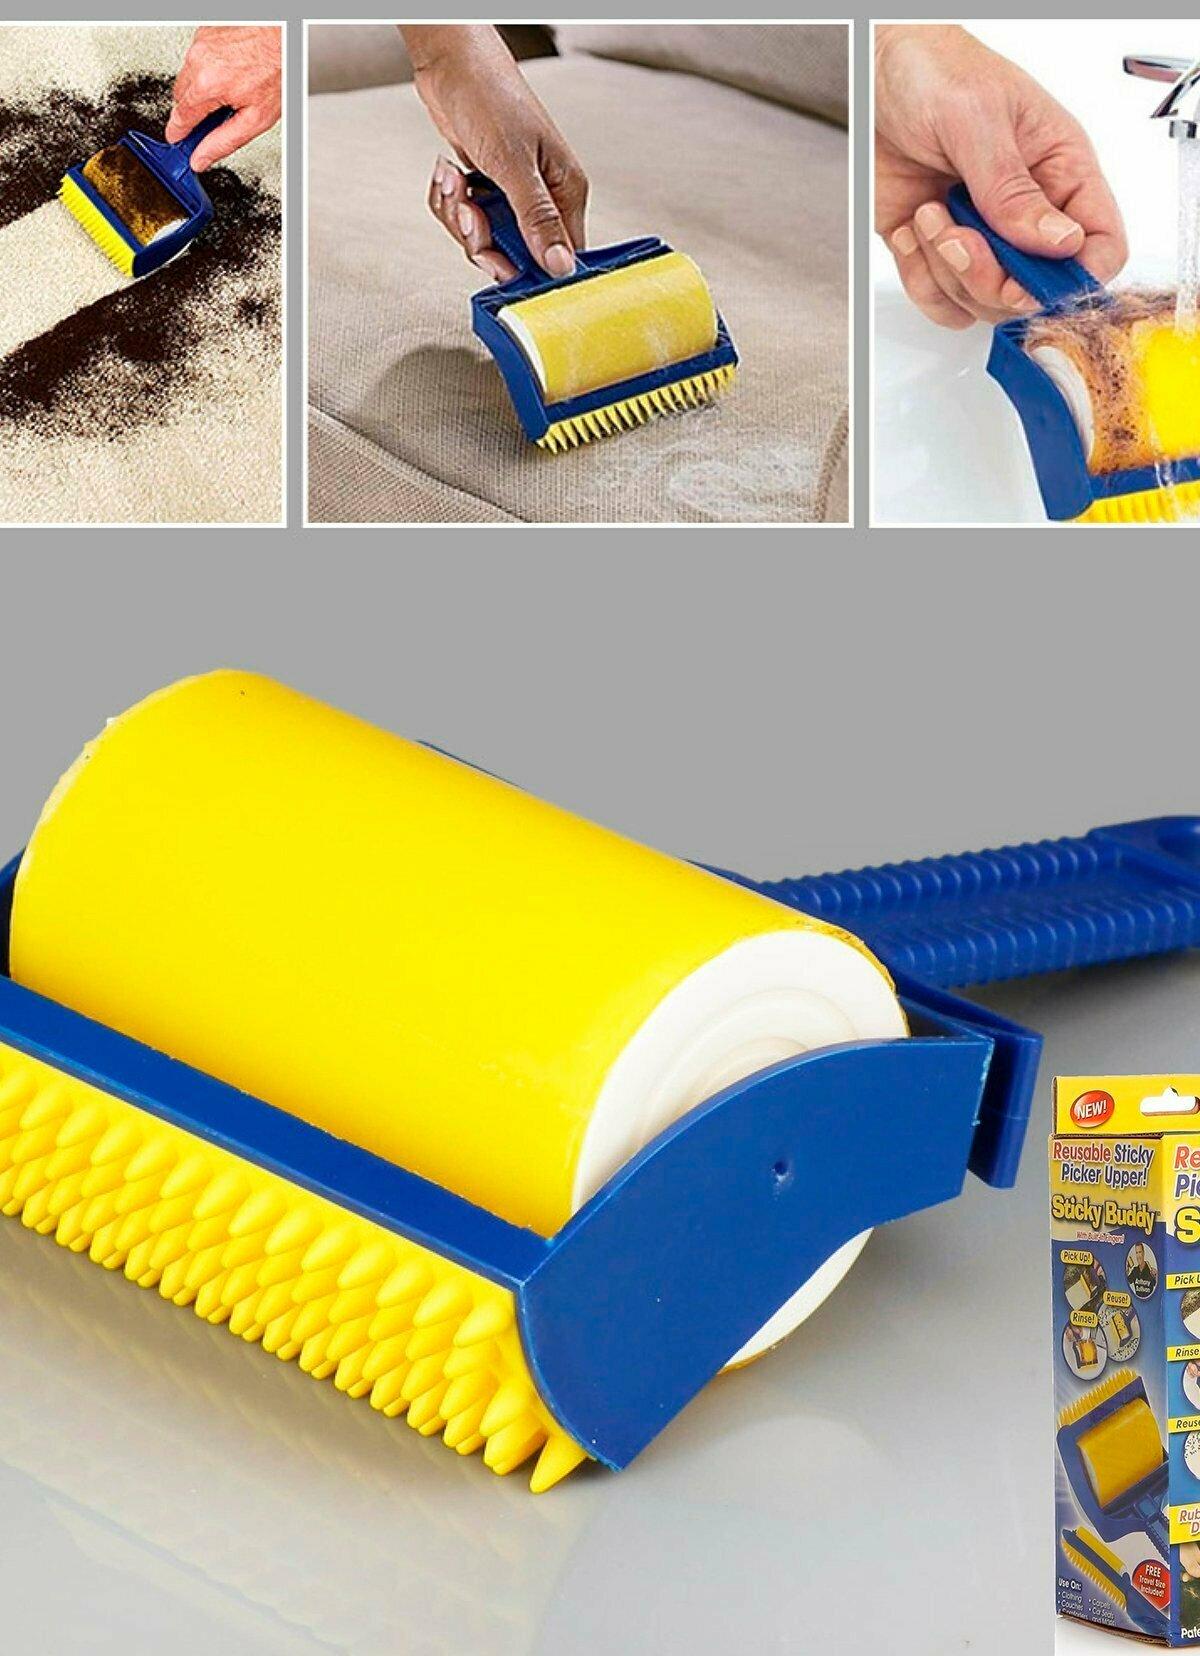 Sticky Buddy - Набор профессиональных силиконовых валиков для уборки в НижнемТагиле